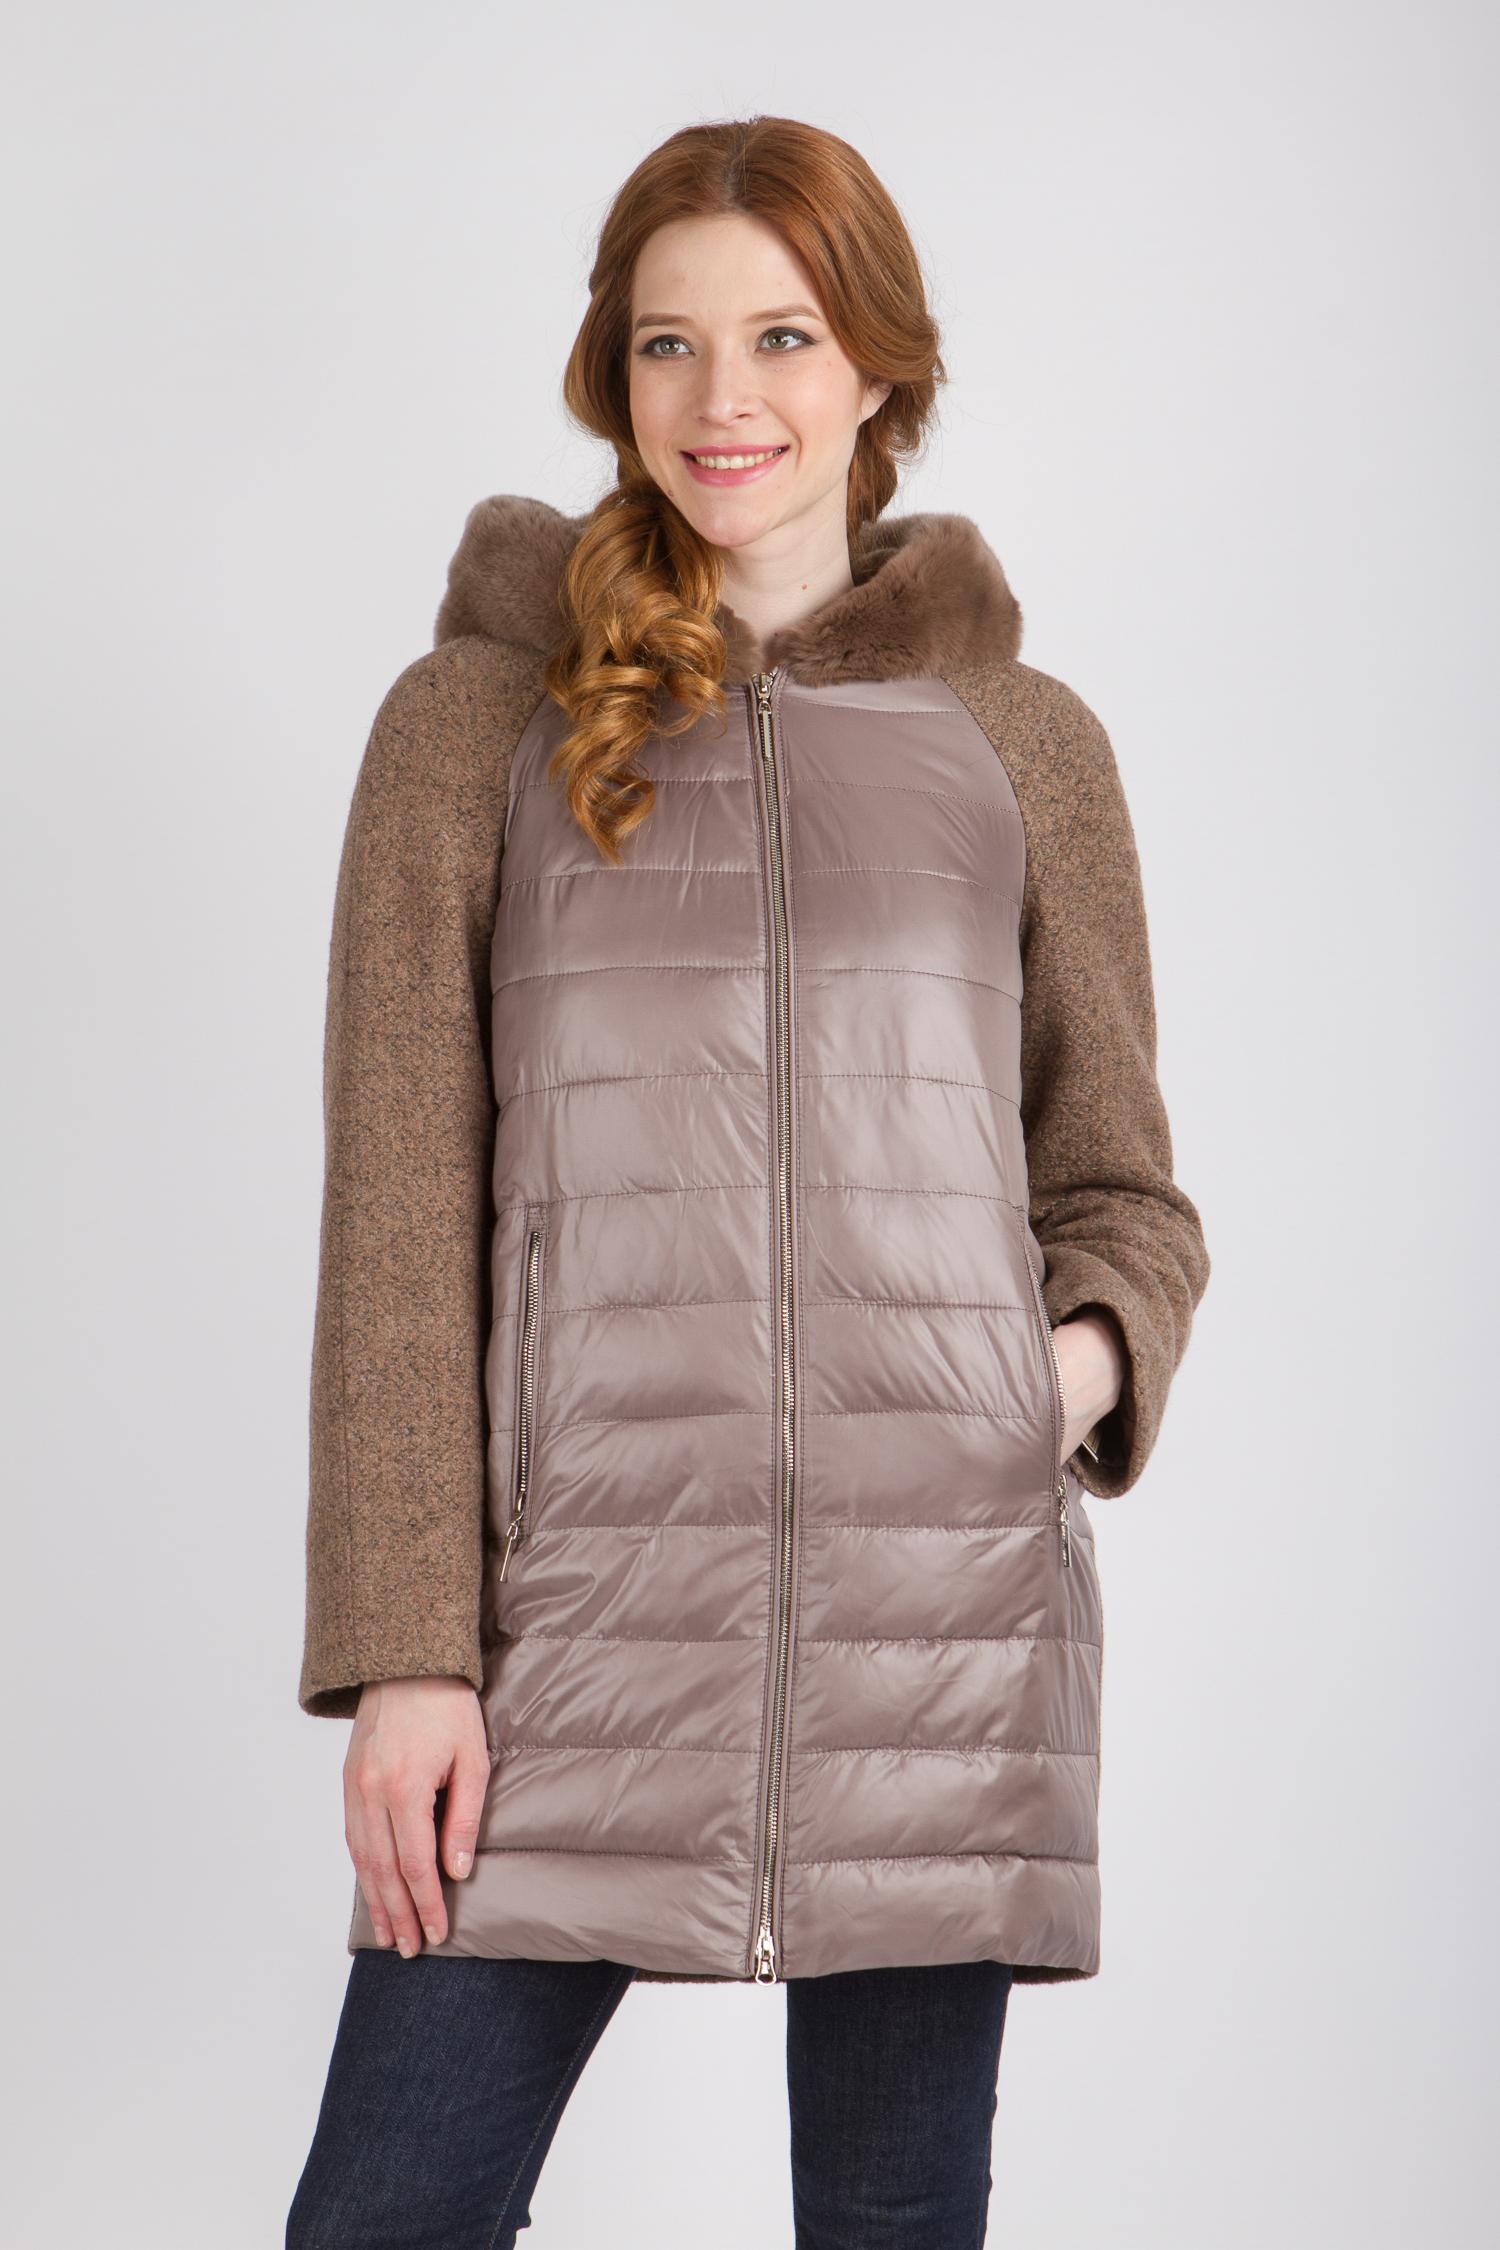 Женское пальто с капюшоном, отделка кролик<br><br>Воротник: капюшон<br>Длина см: Средняя (75-89 )<br>Материал: Текстиль<br>Цвет: бежевый<br>Вид застежки: центральная<br>Застежка: на молнии<br>Пол: Женский<br>Размер RU: 46